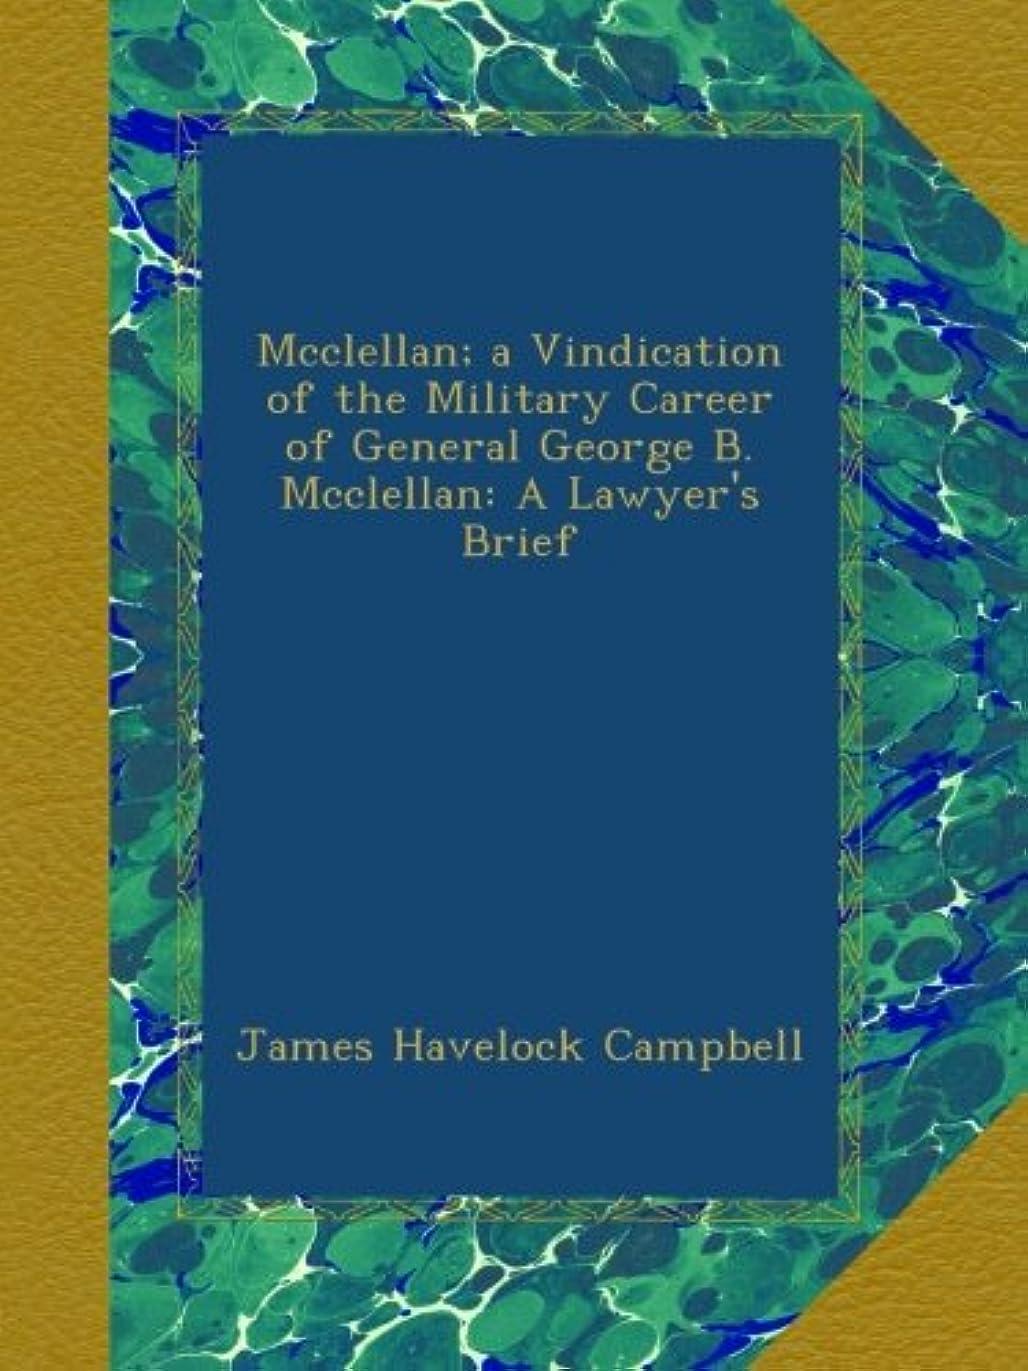 過剰ピッチアーティファクトMcclellan; a Vindication of the Military Career of General George B. Mcclellan: A Lawyer's Brief